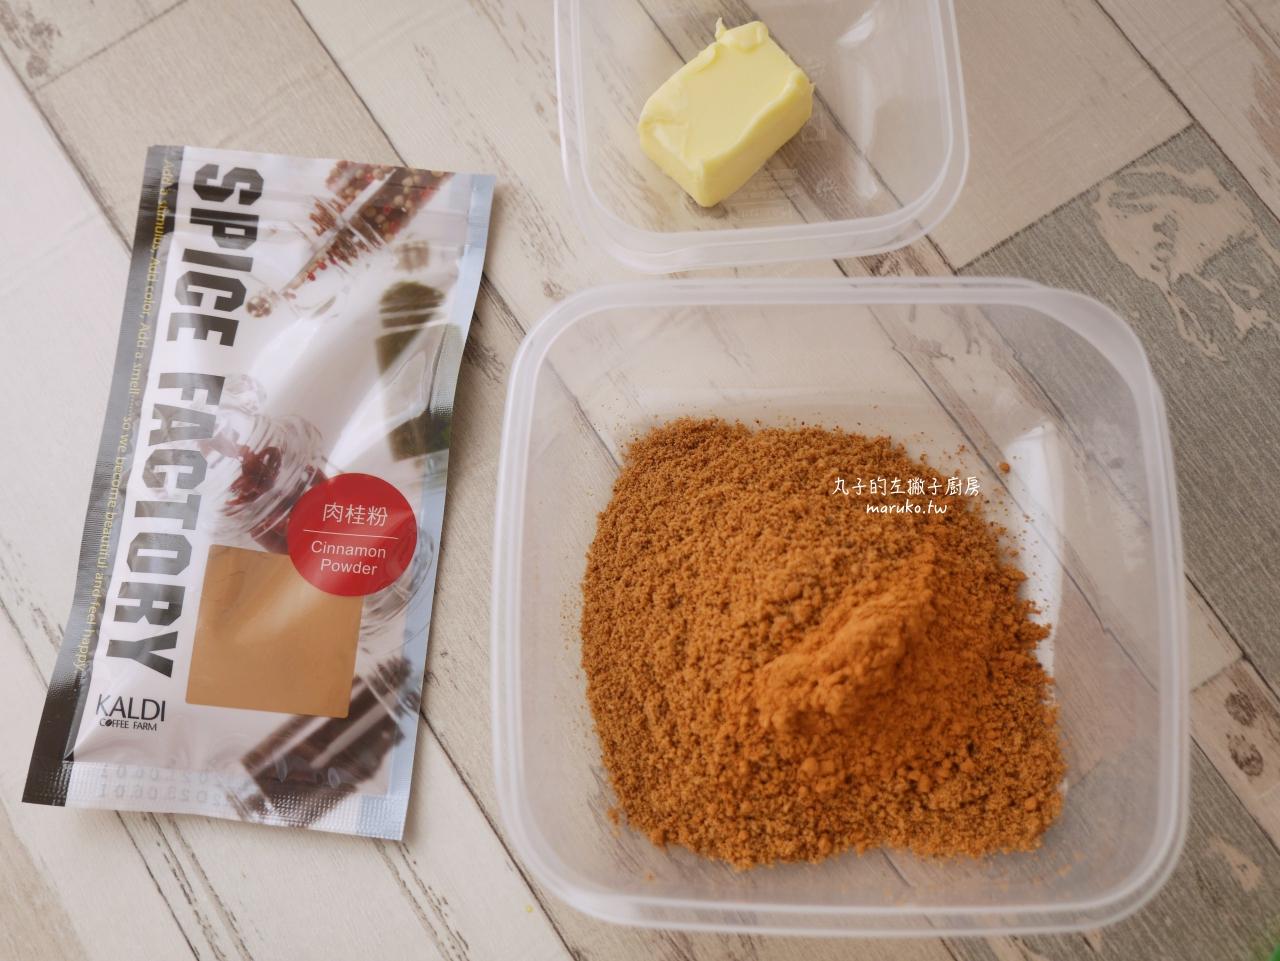 【食譜】蝴蝶麵包 免揉麵包 美國經典小吃蝴蝶脆餅 @Maruko與美食有個約會